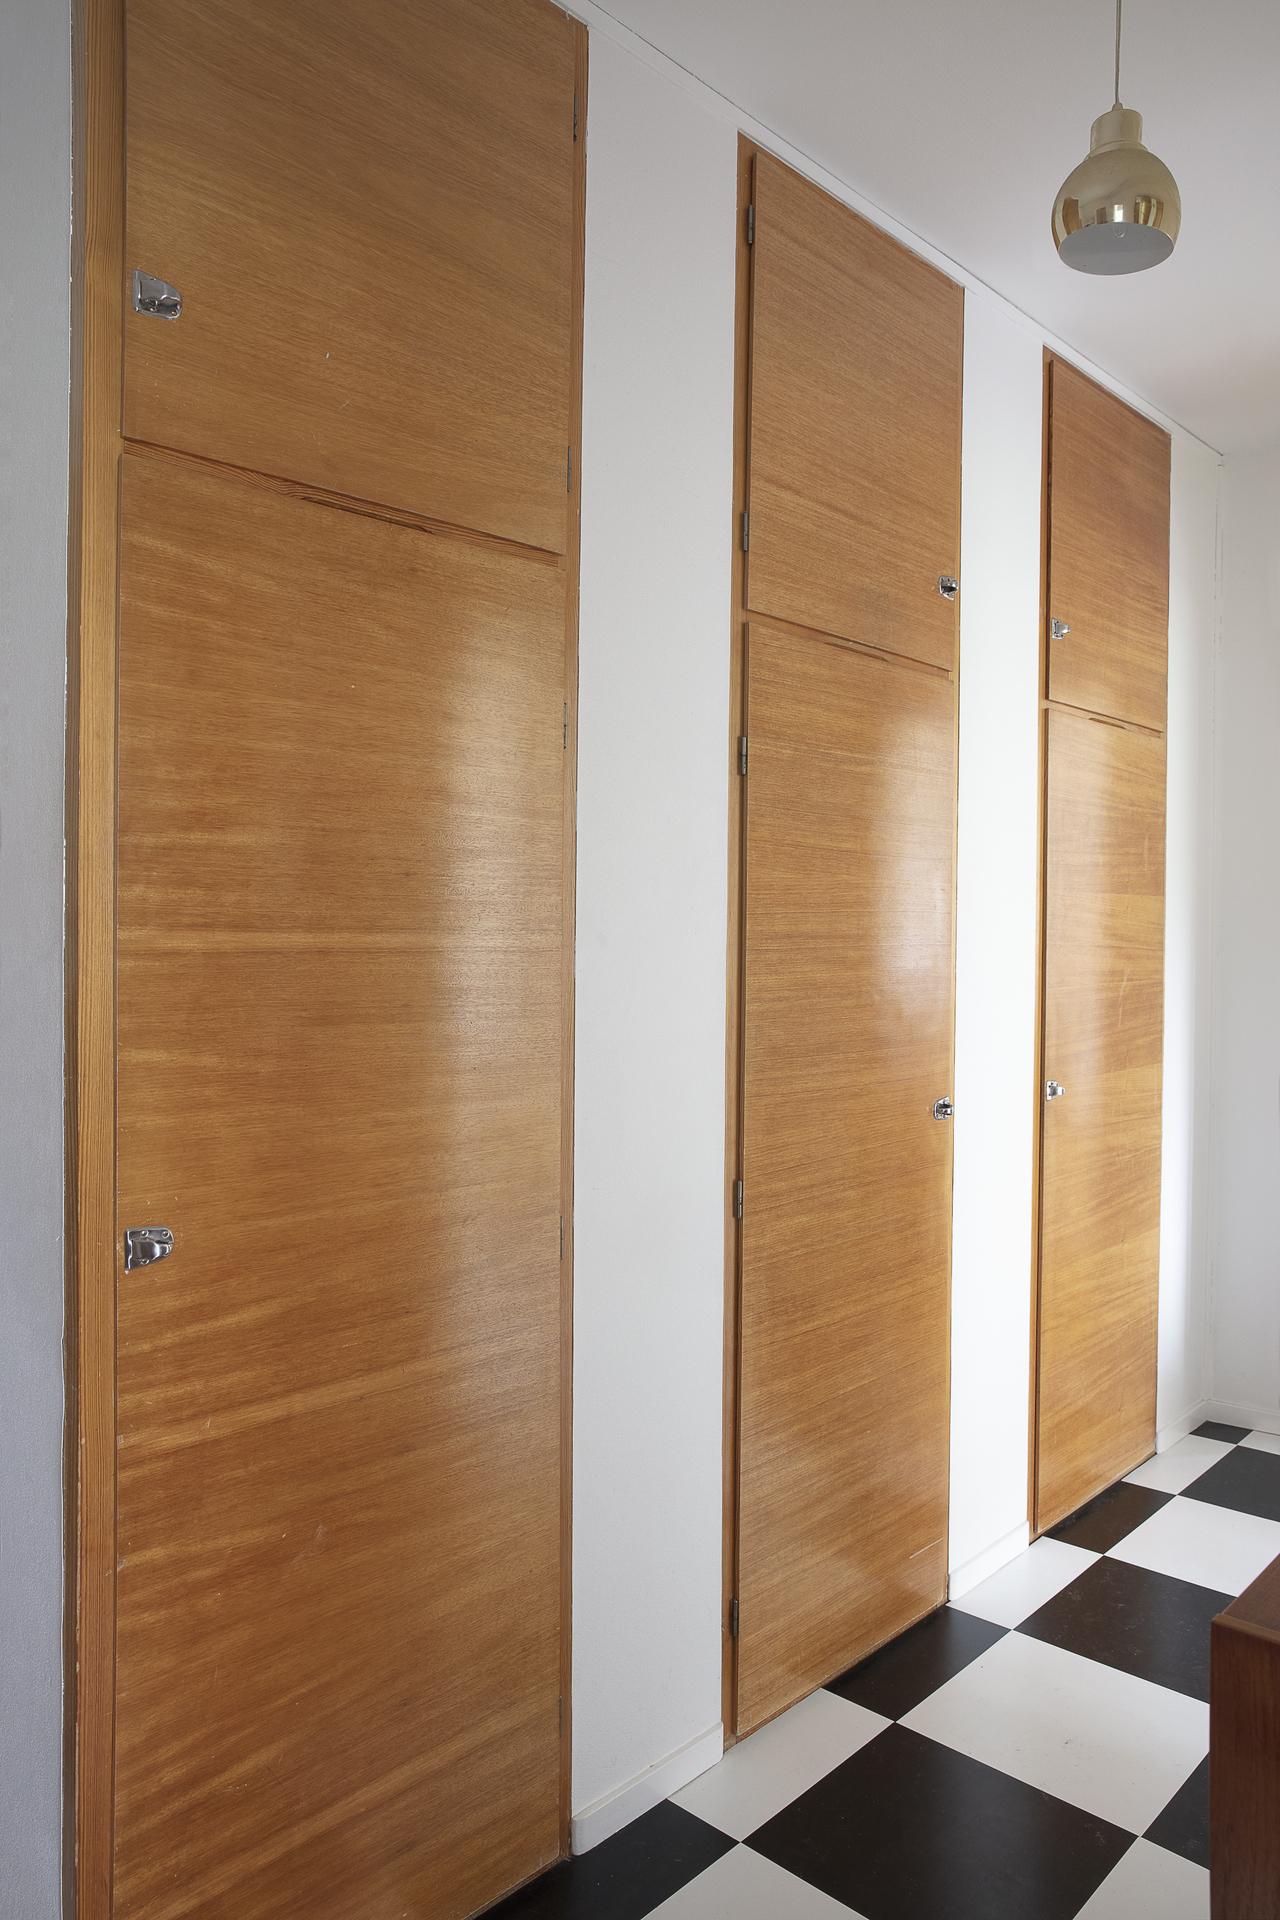 Hallen erbjuder gott om plats för förvaring i de bevarade inbyggnadsgarderoberna